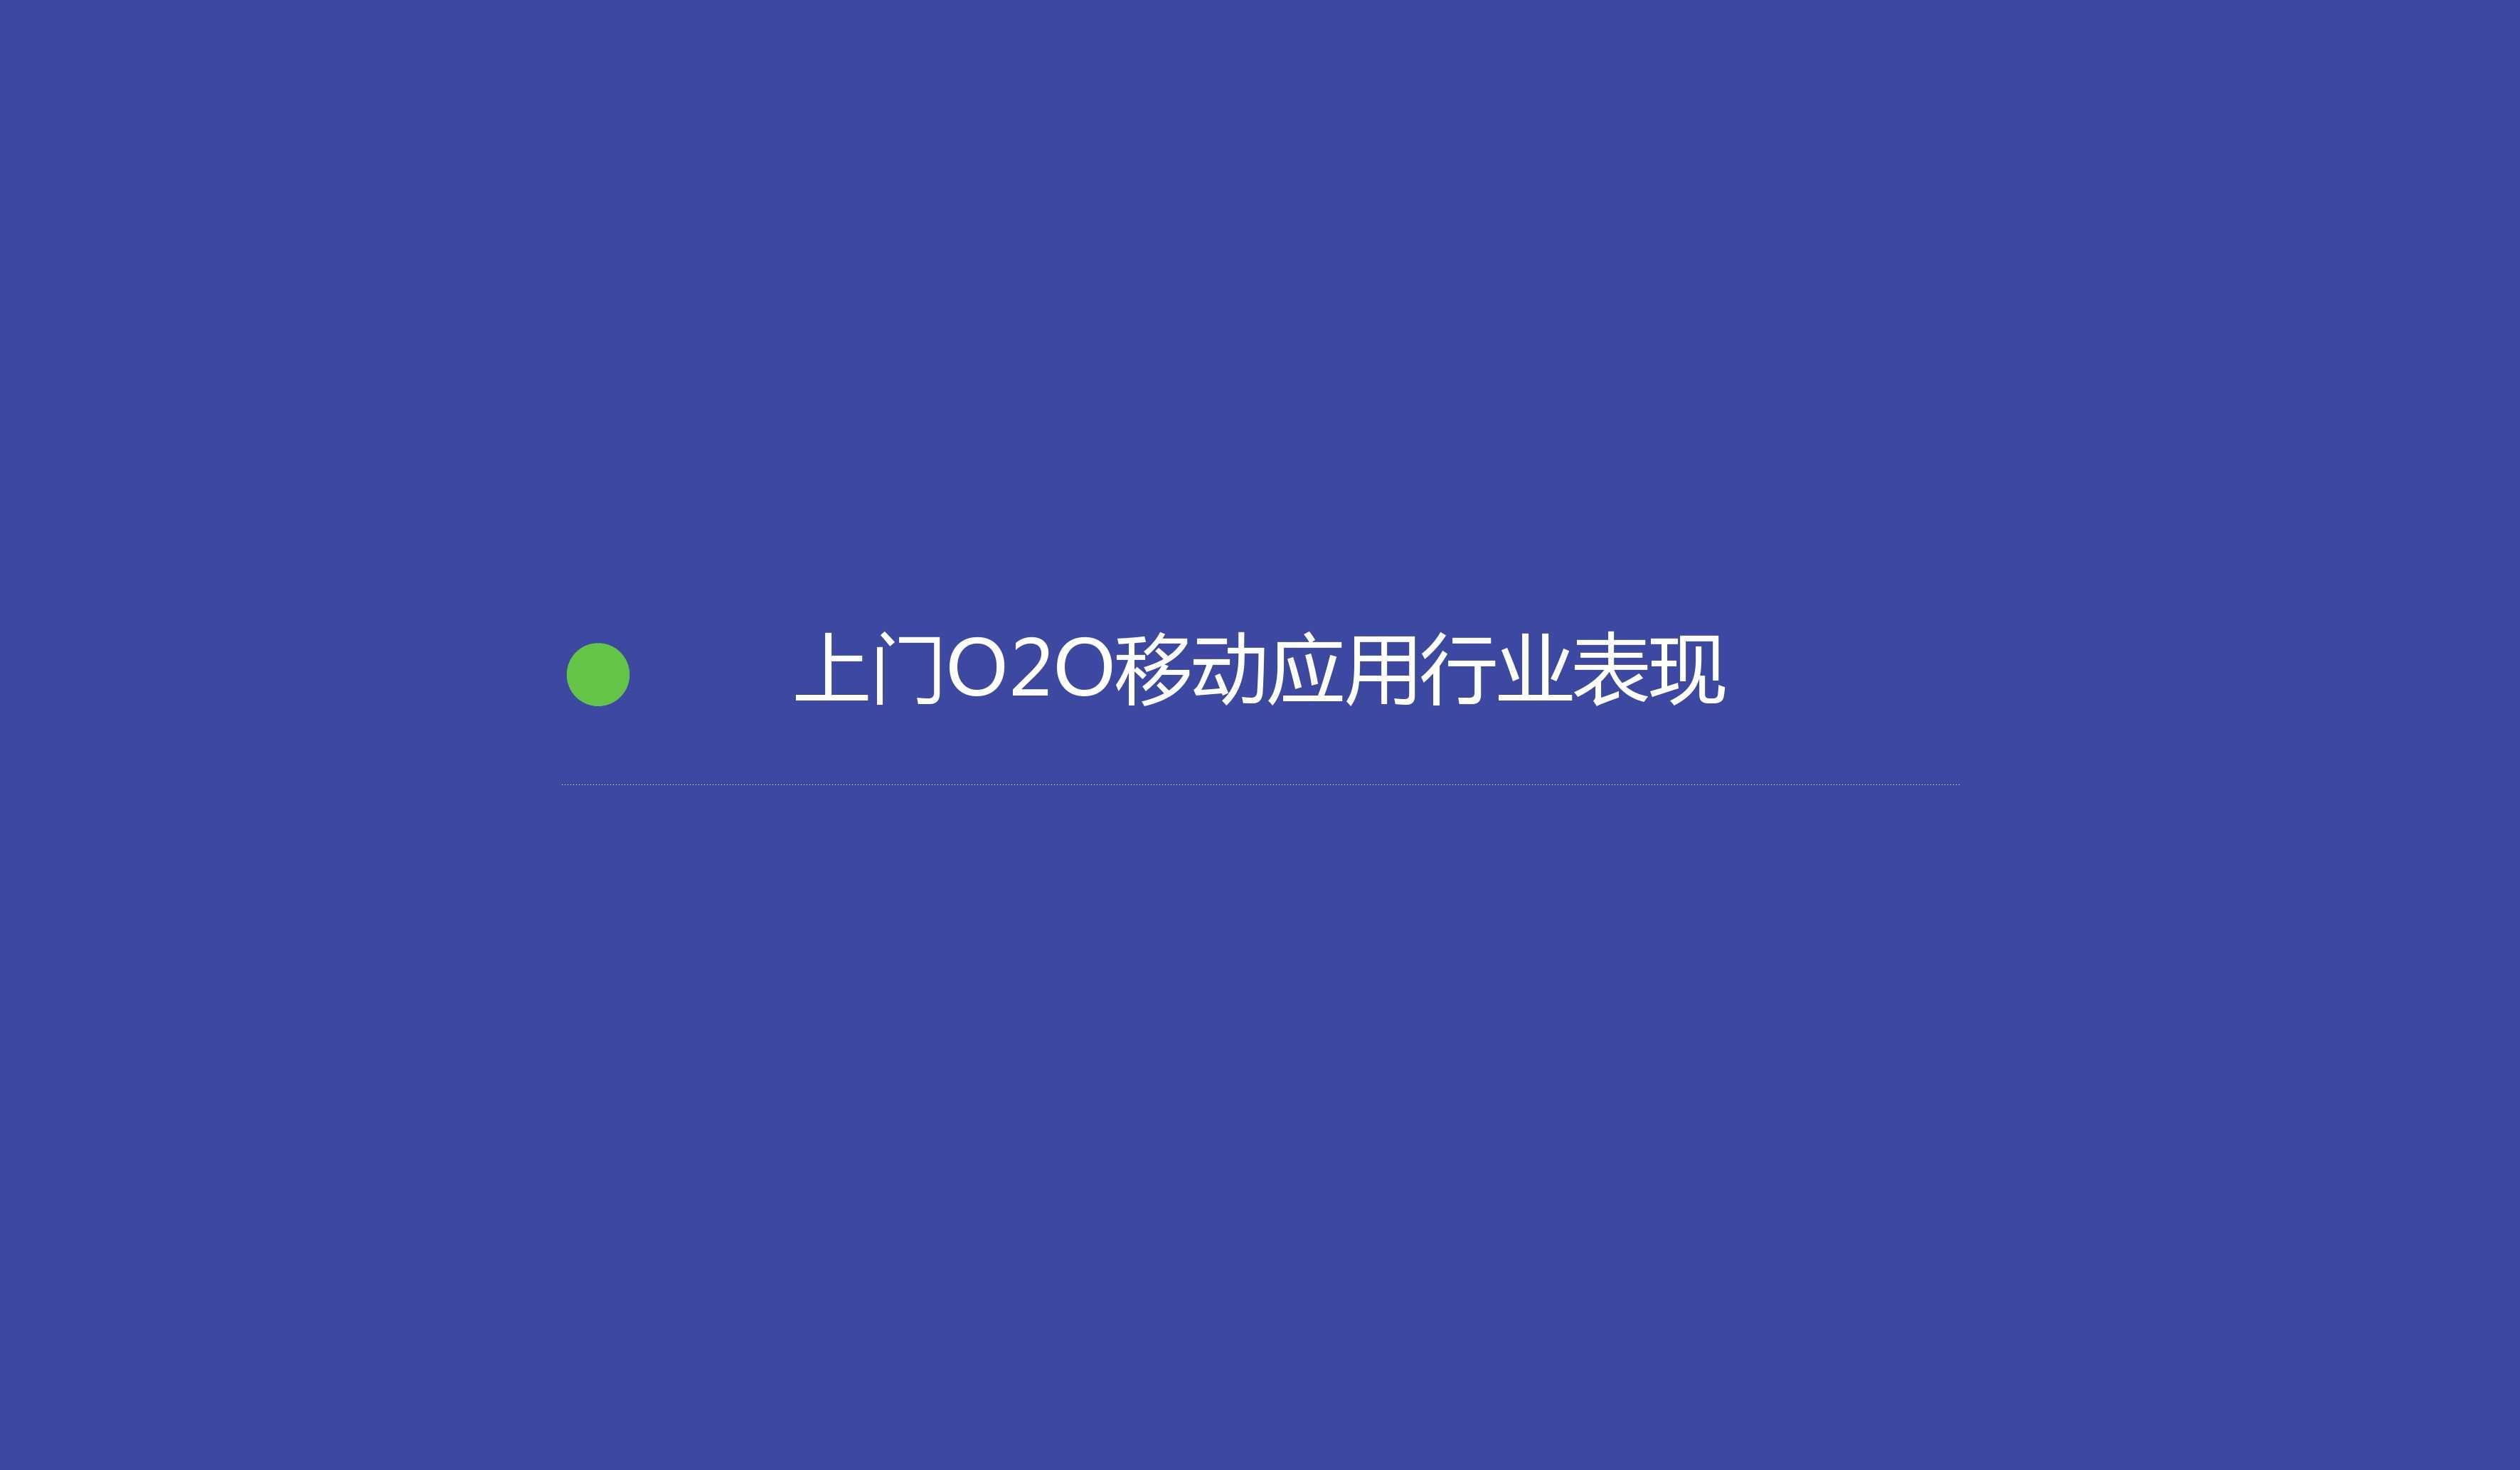 TalkingData2015年上门O2O移动应用行业报告_000014